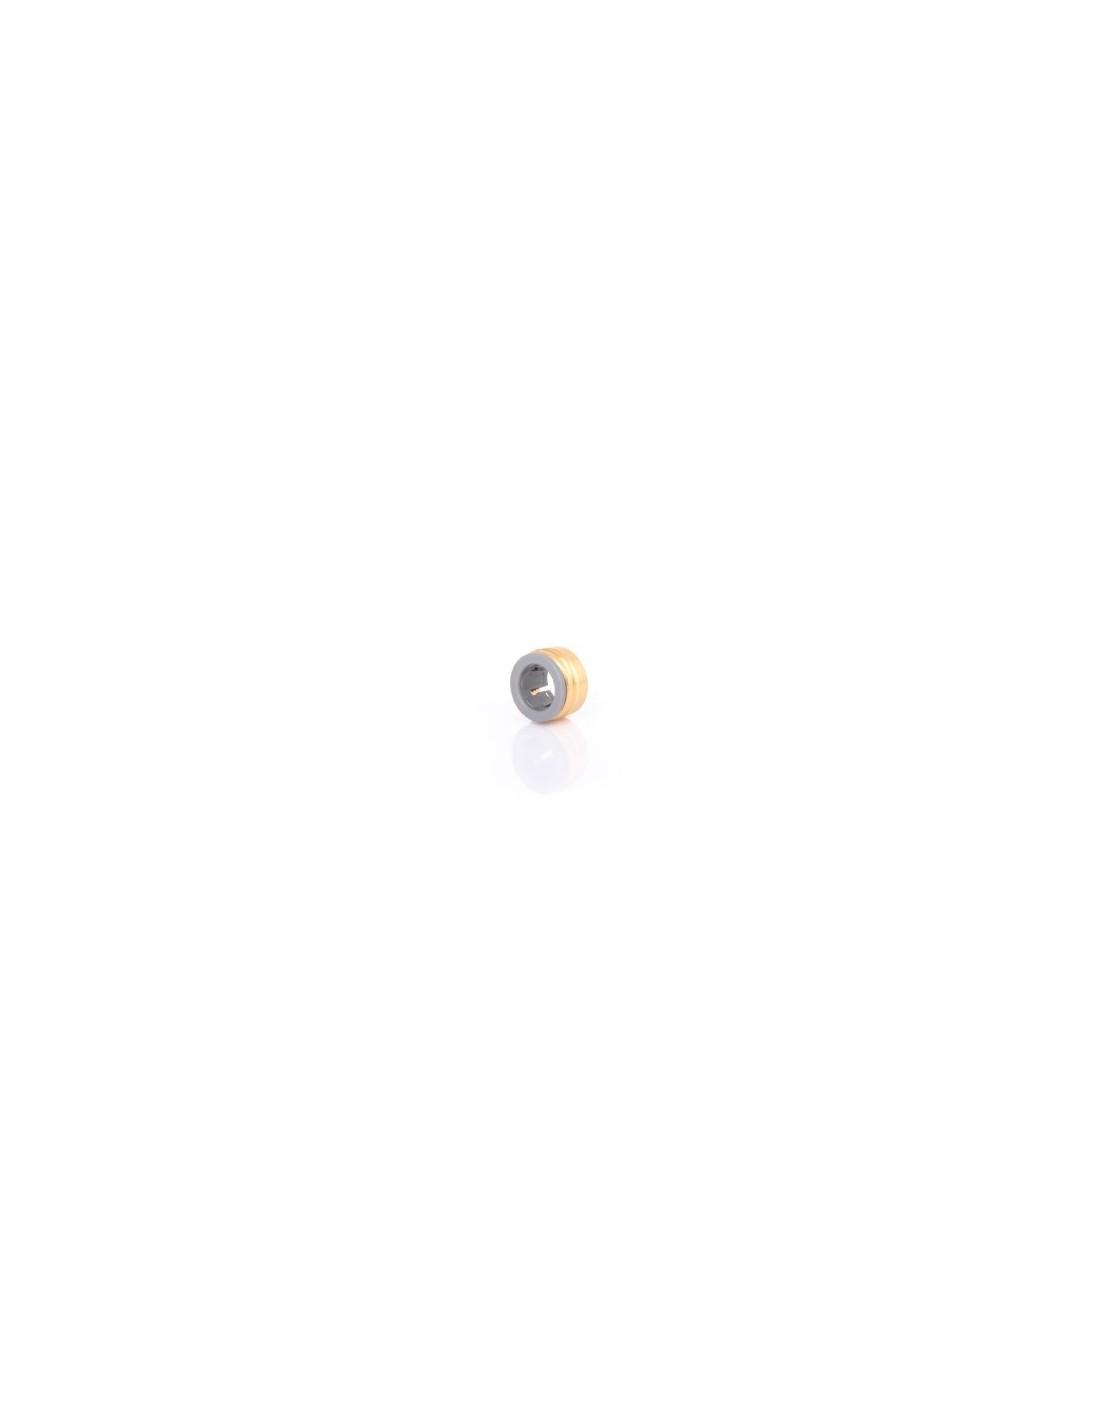 """SPO02248 - JG cartridge 9.5 mm (3/8"""")"""